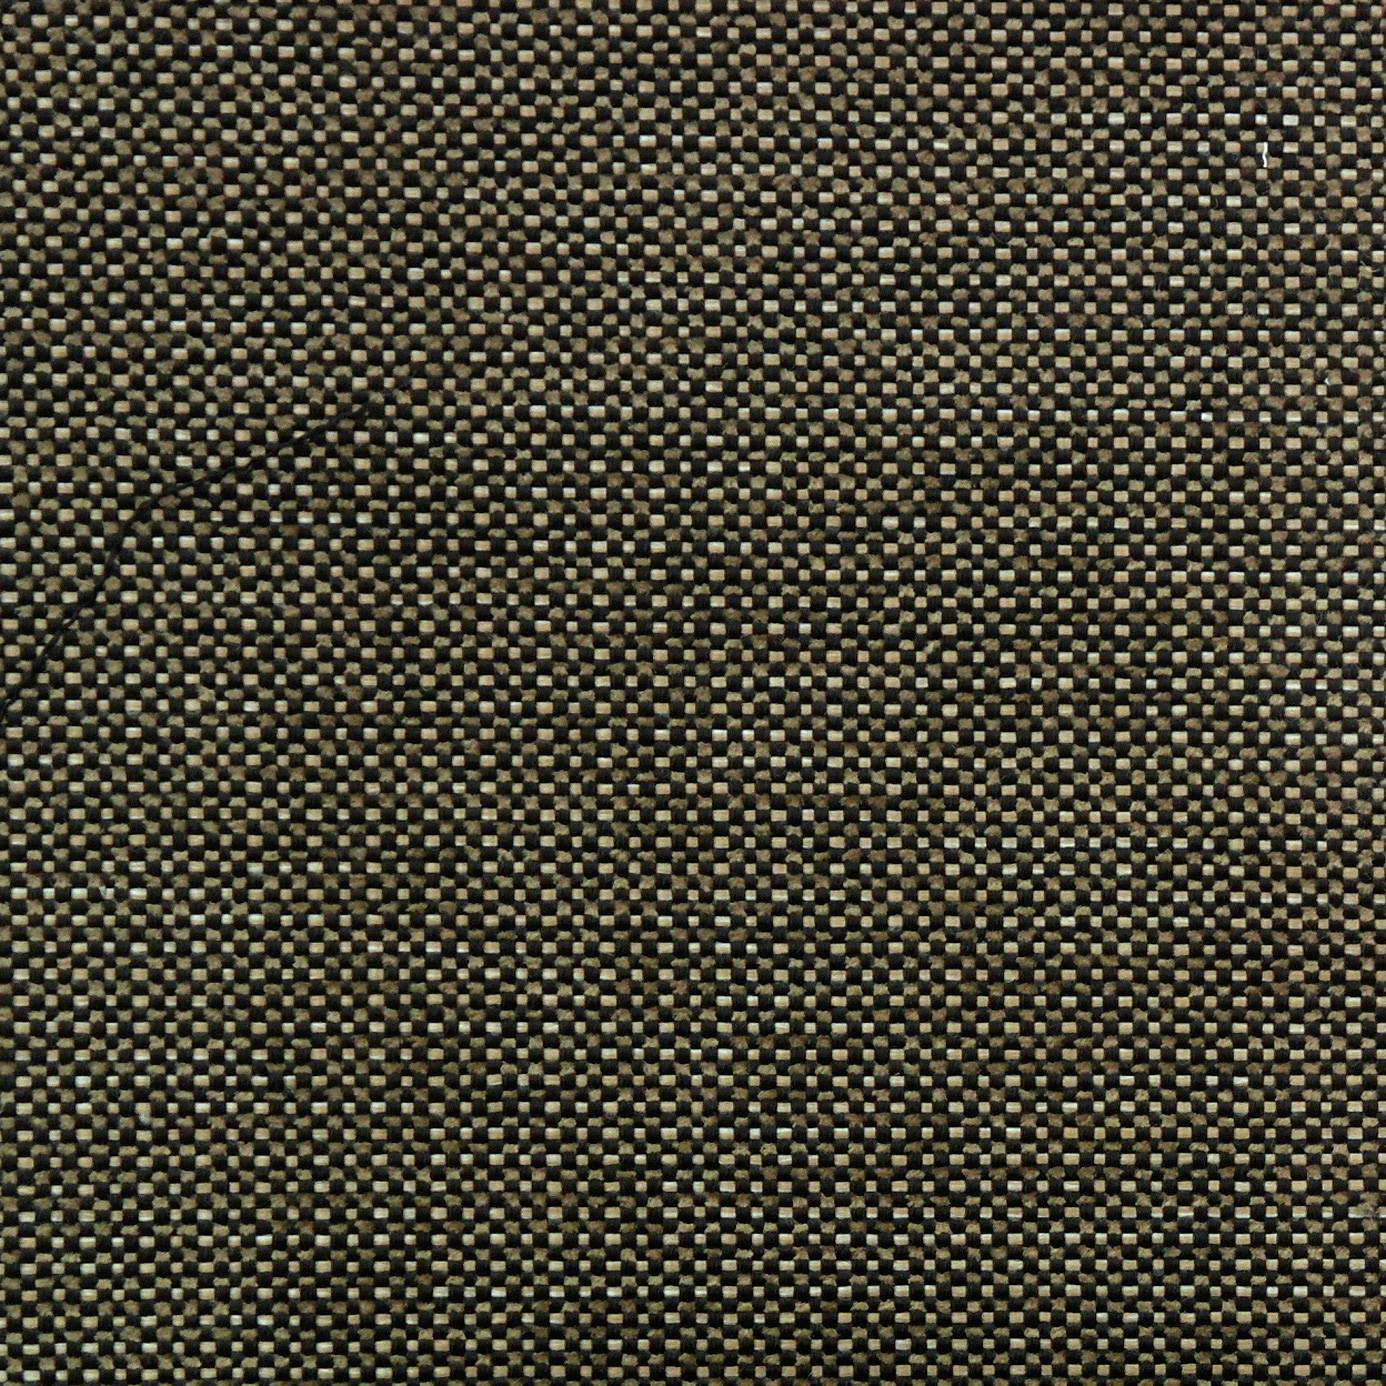 Morvern Fabric Cocoa F2019 07 Designers Guild